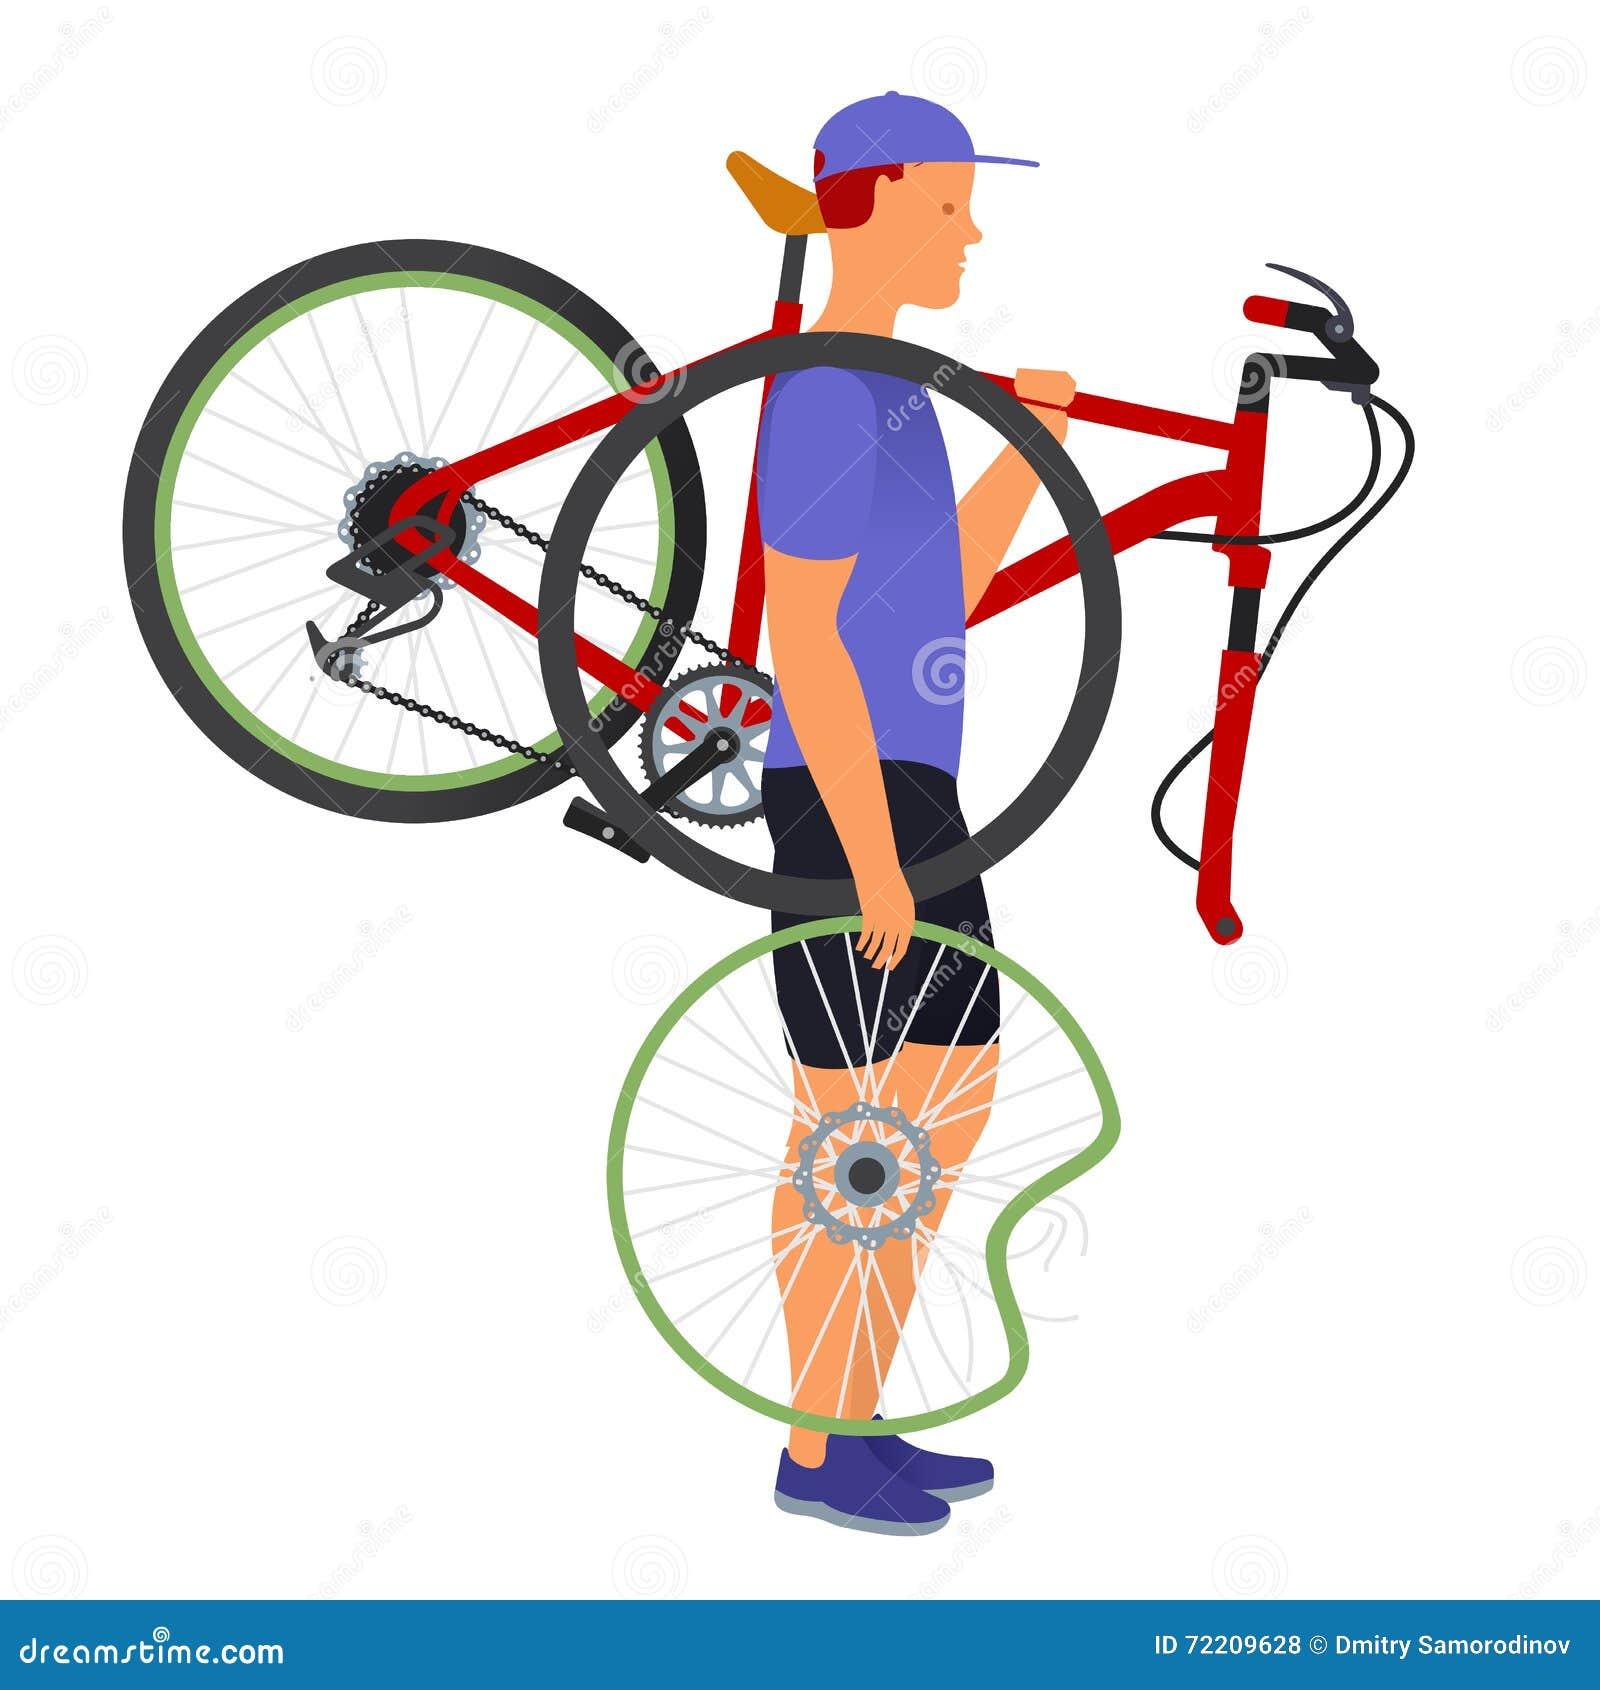 Broken Wheel Clip Art : A man carries broken bicycle and wheel stock vector